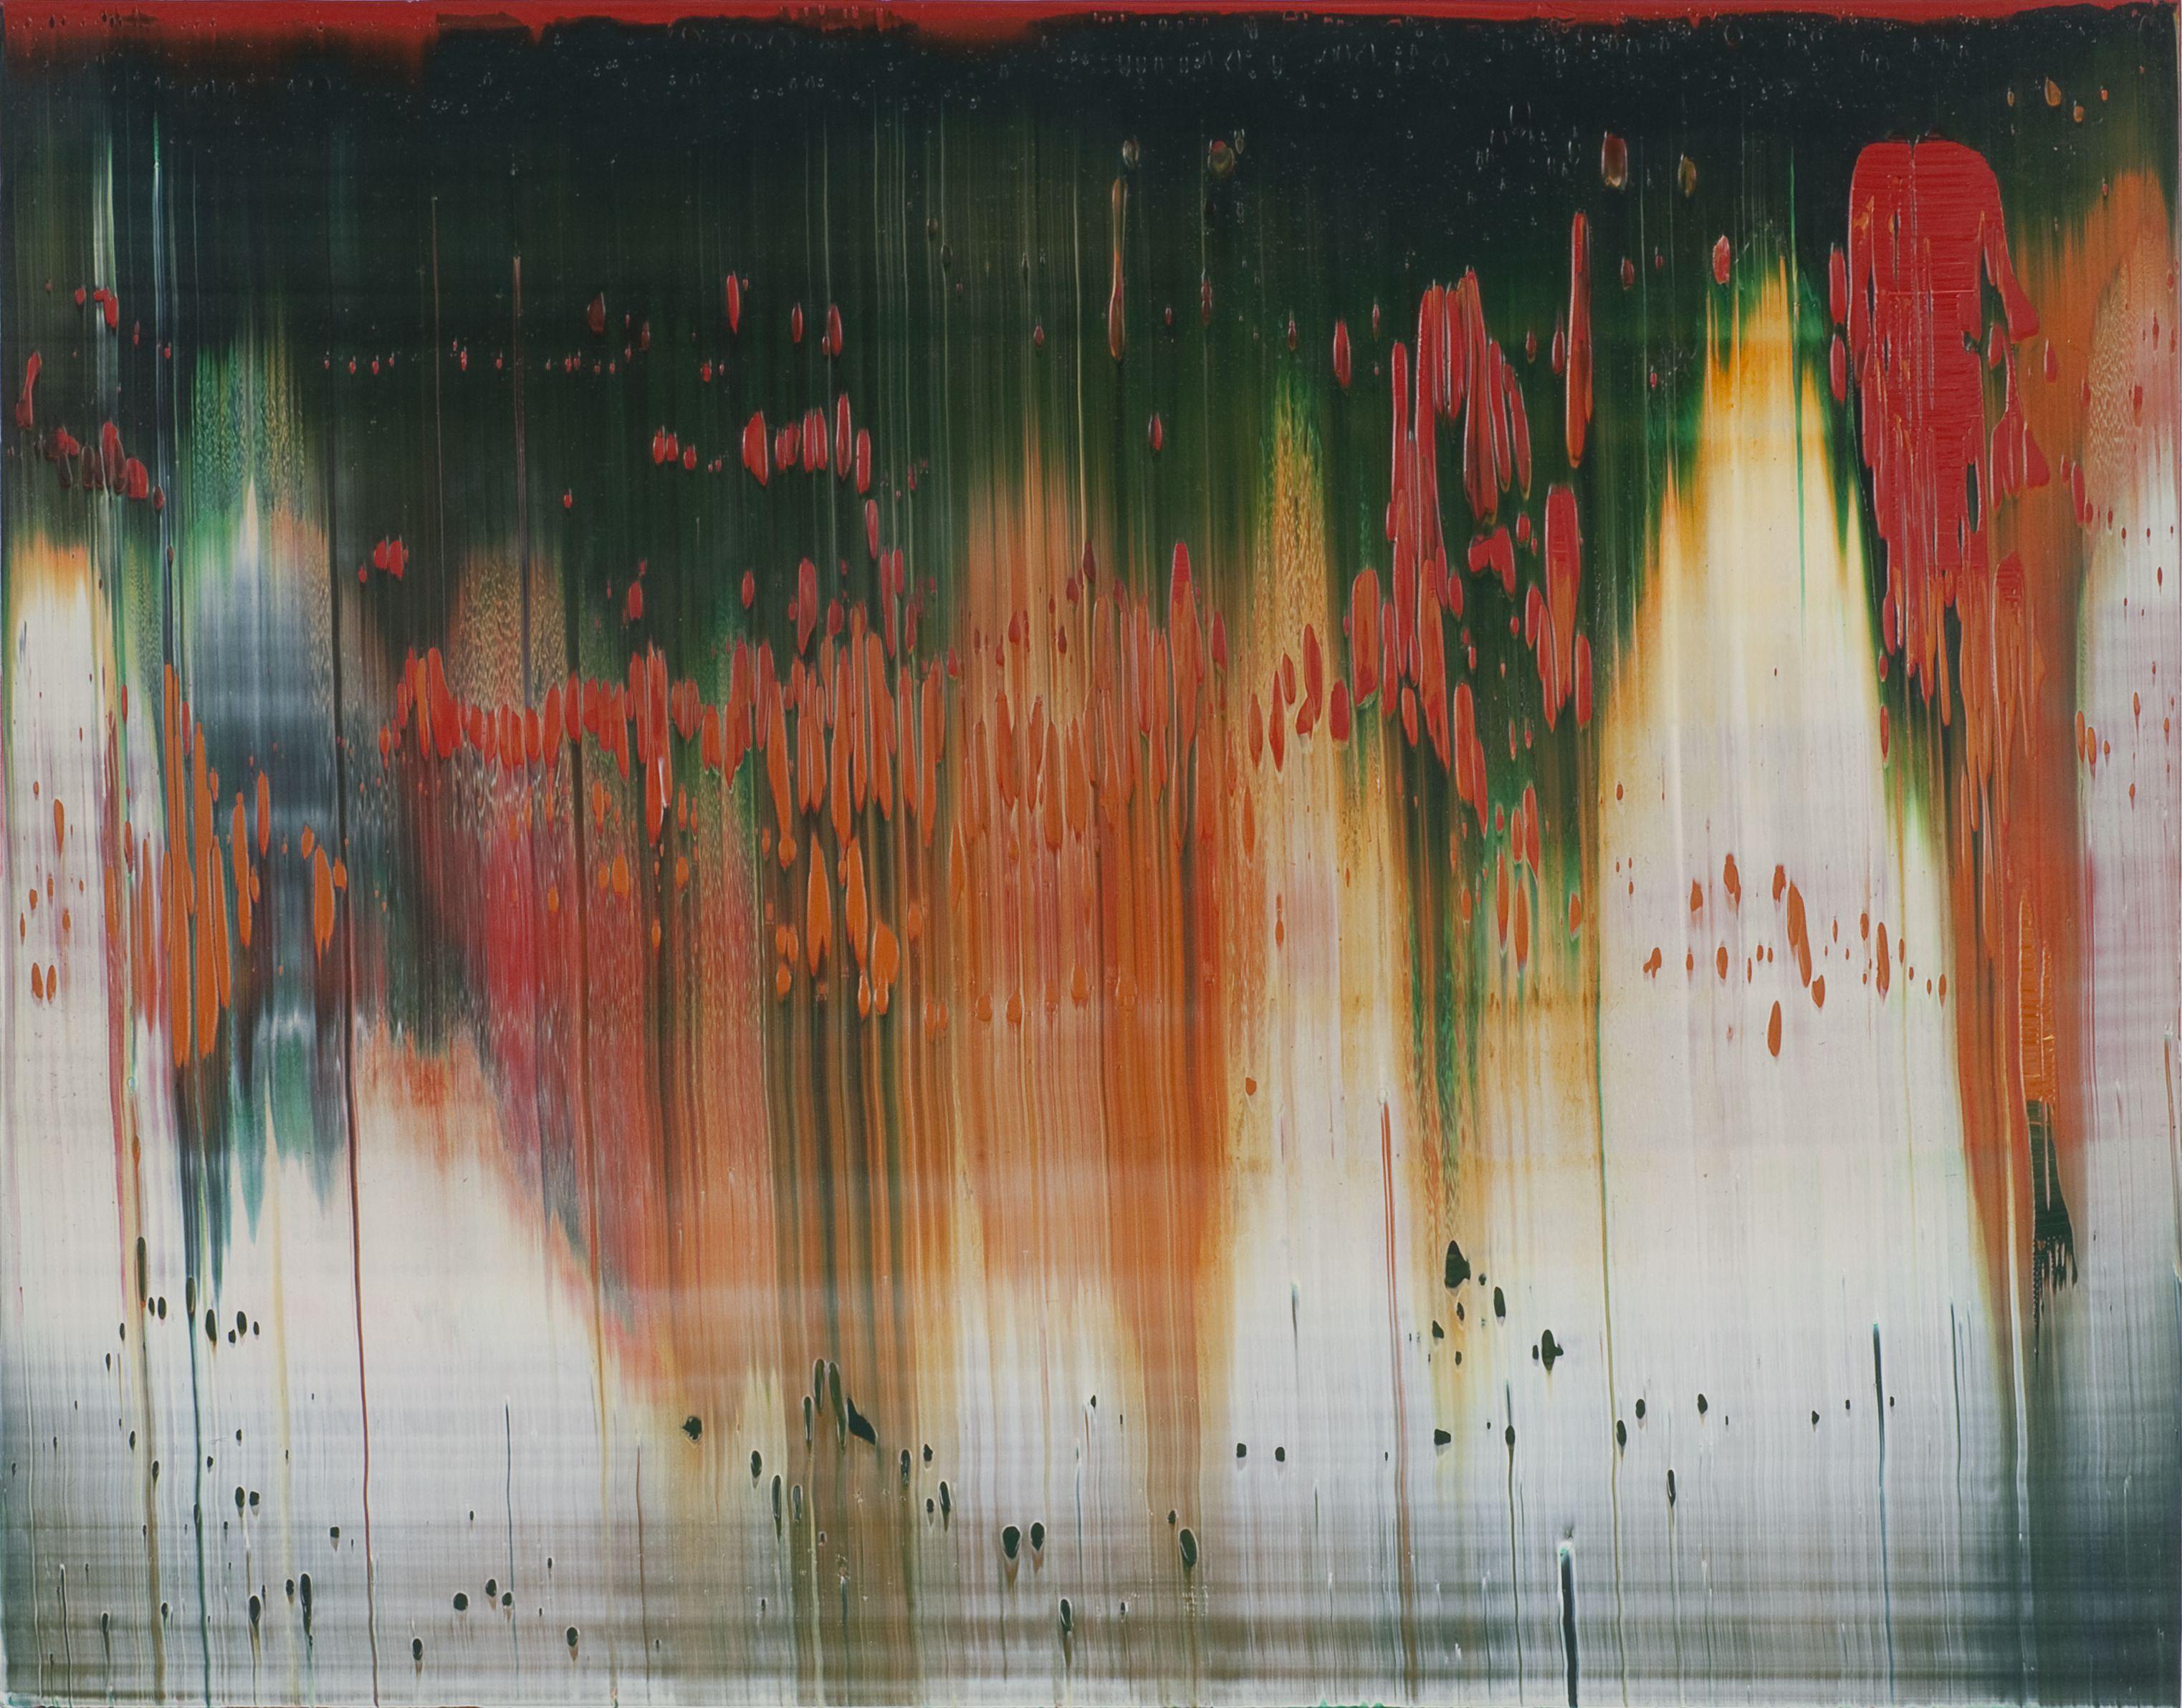 Gerhard-Richter-Fuji-1996-55-110-©-Gerhard-Richter-2011-Foto-Olbricht-Collection-Jana-Ebert.jpg (3045×2384)